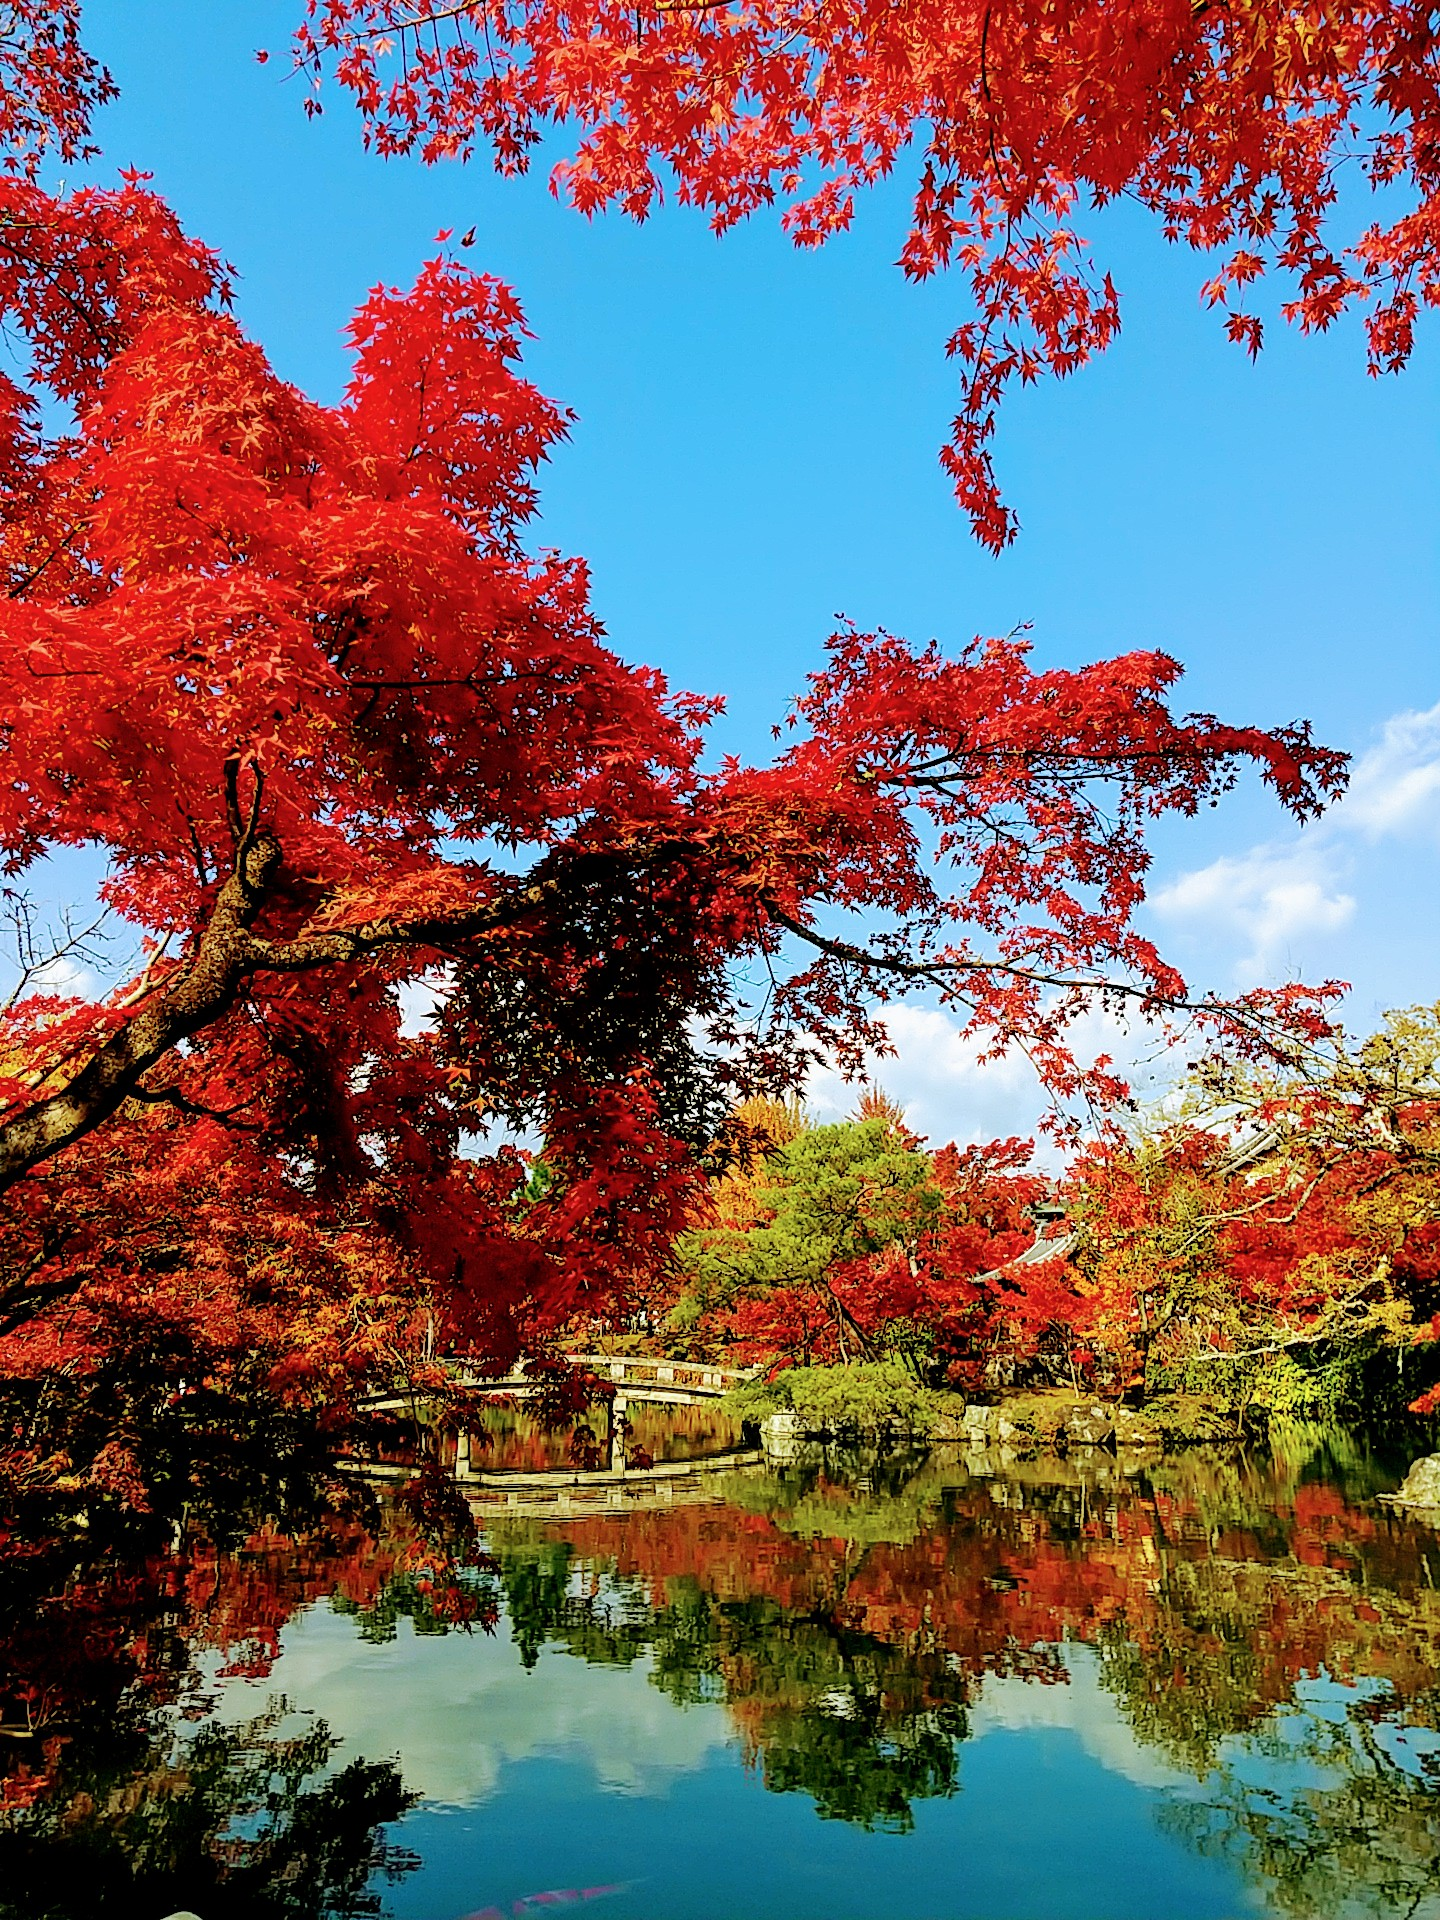 Eikando, the marvelous world of red